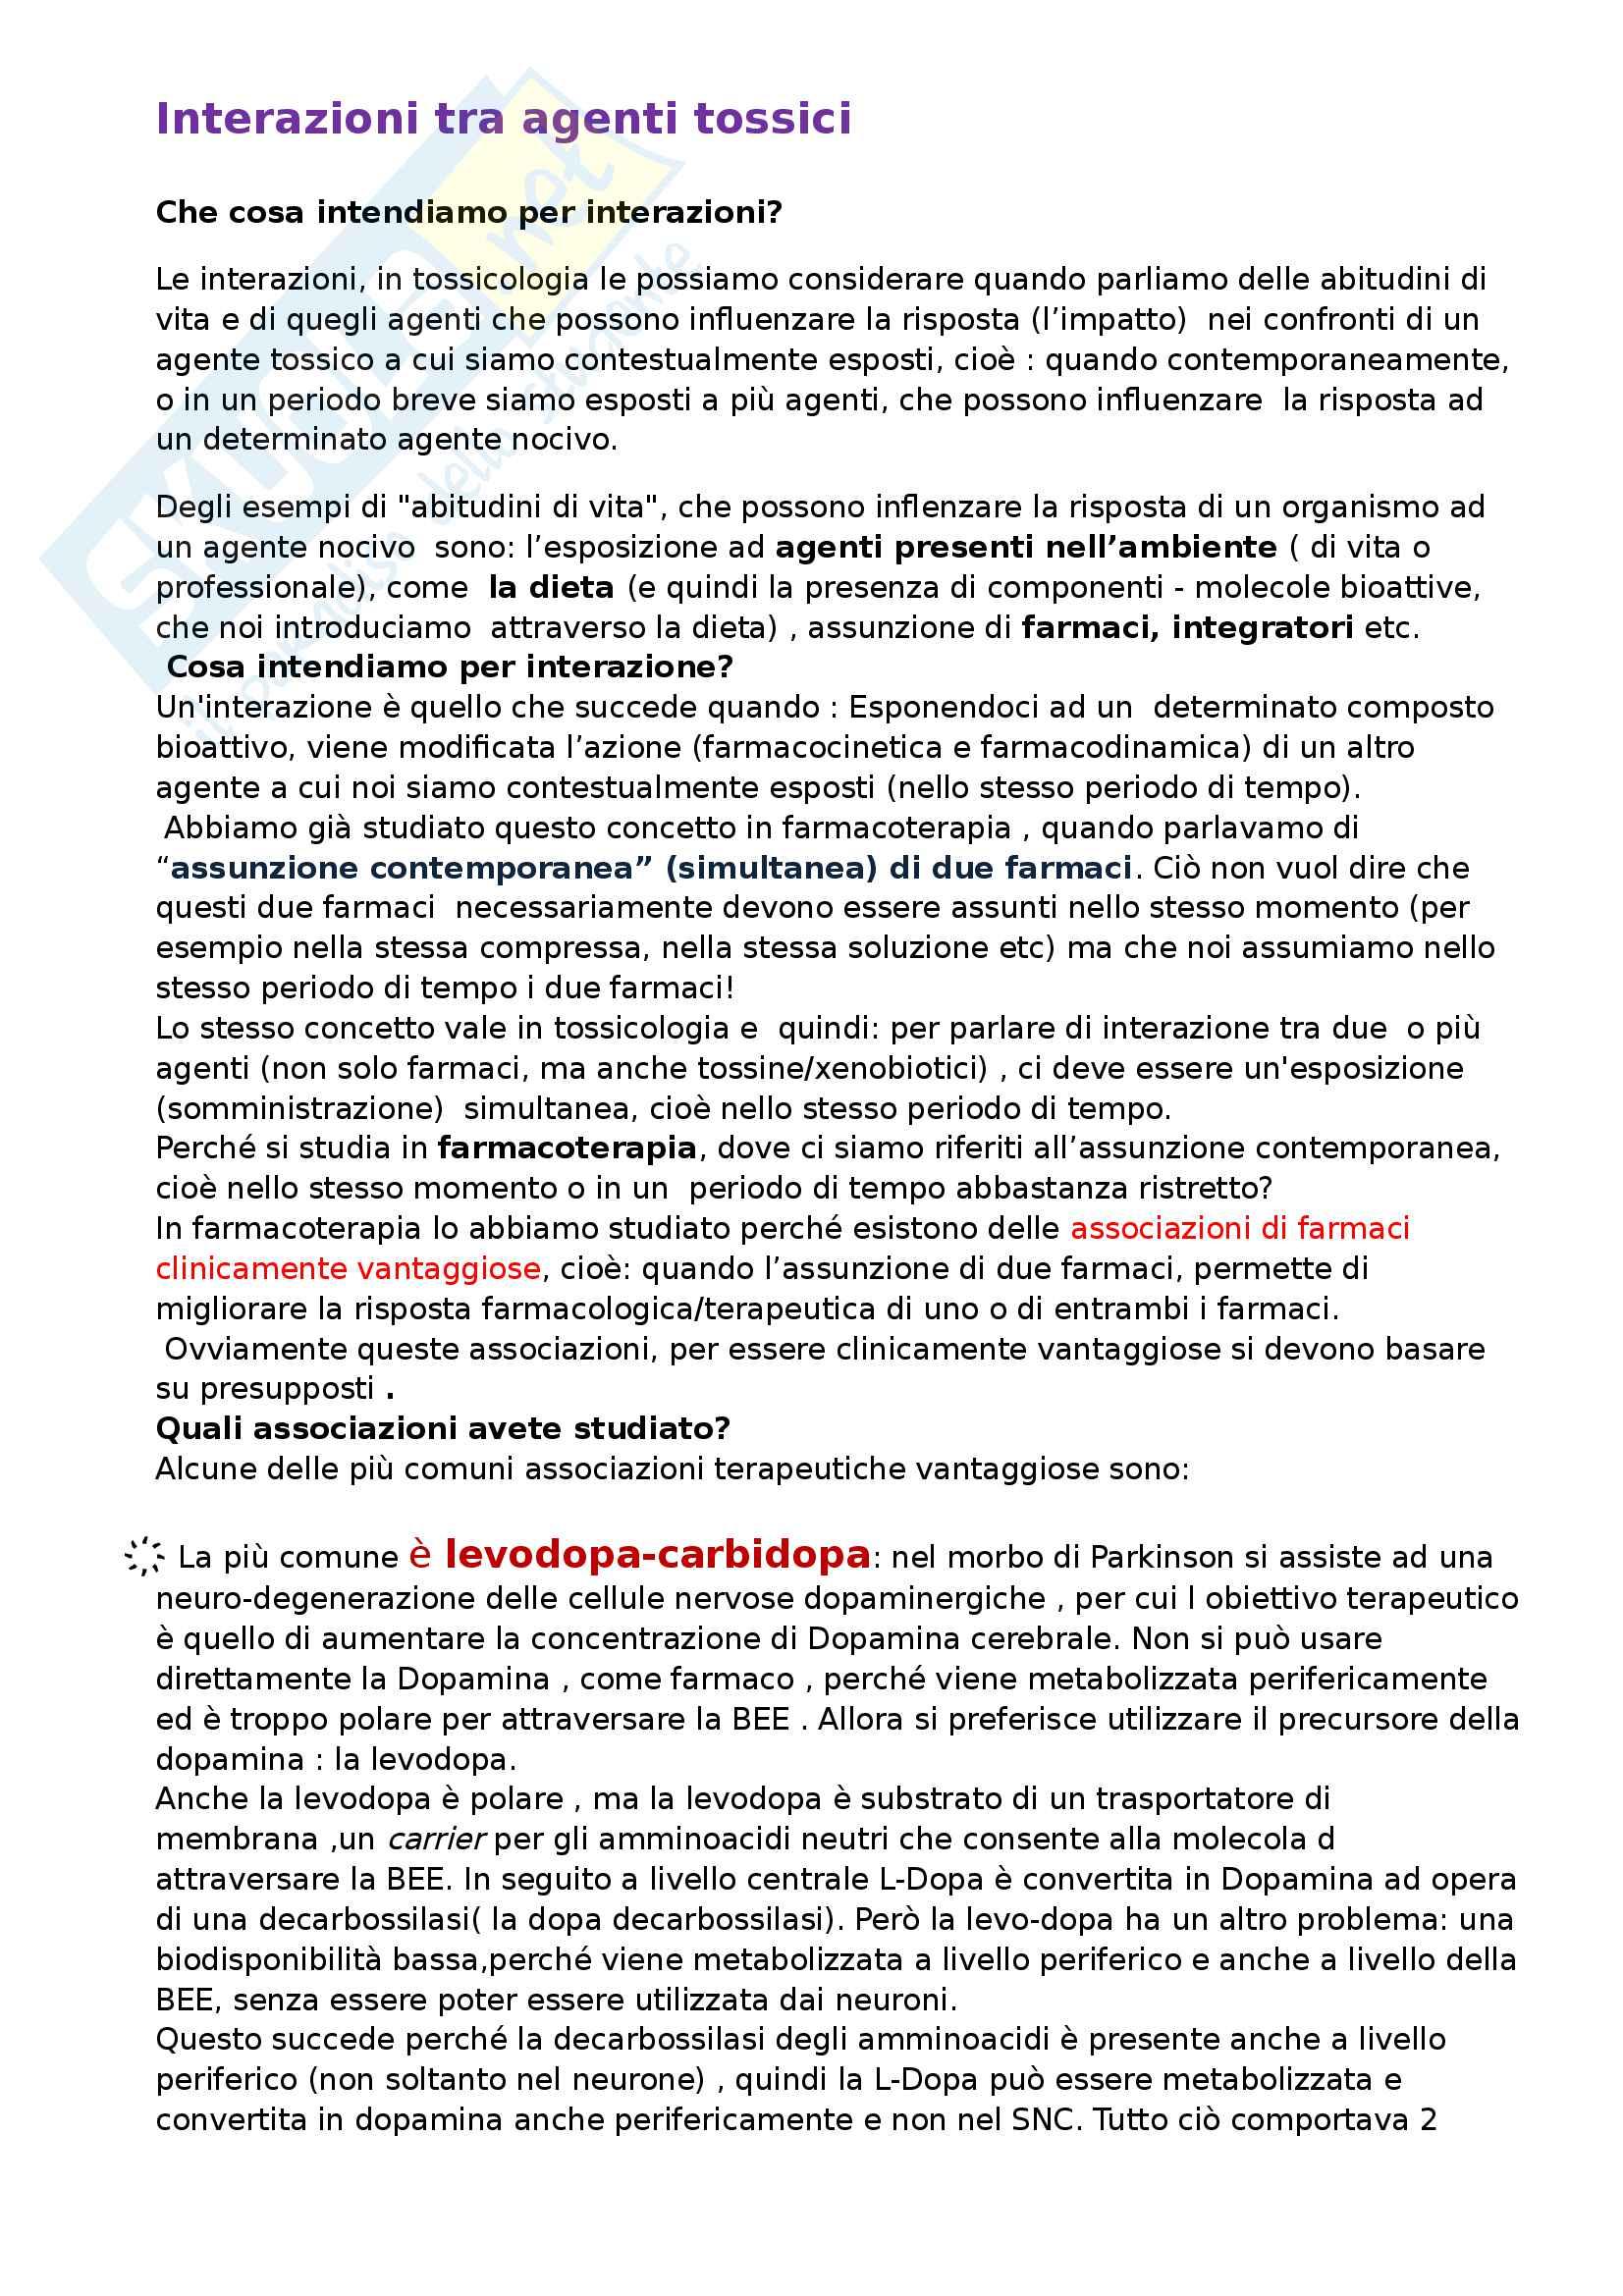 Appunti di tossicologia: Interazioni tra agenti tossici. Esempi di associazioni terapeutiche utili in farmacologia